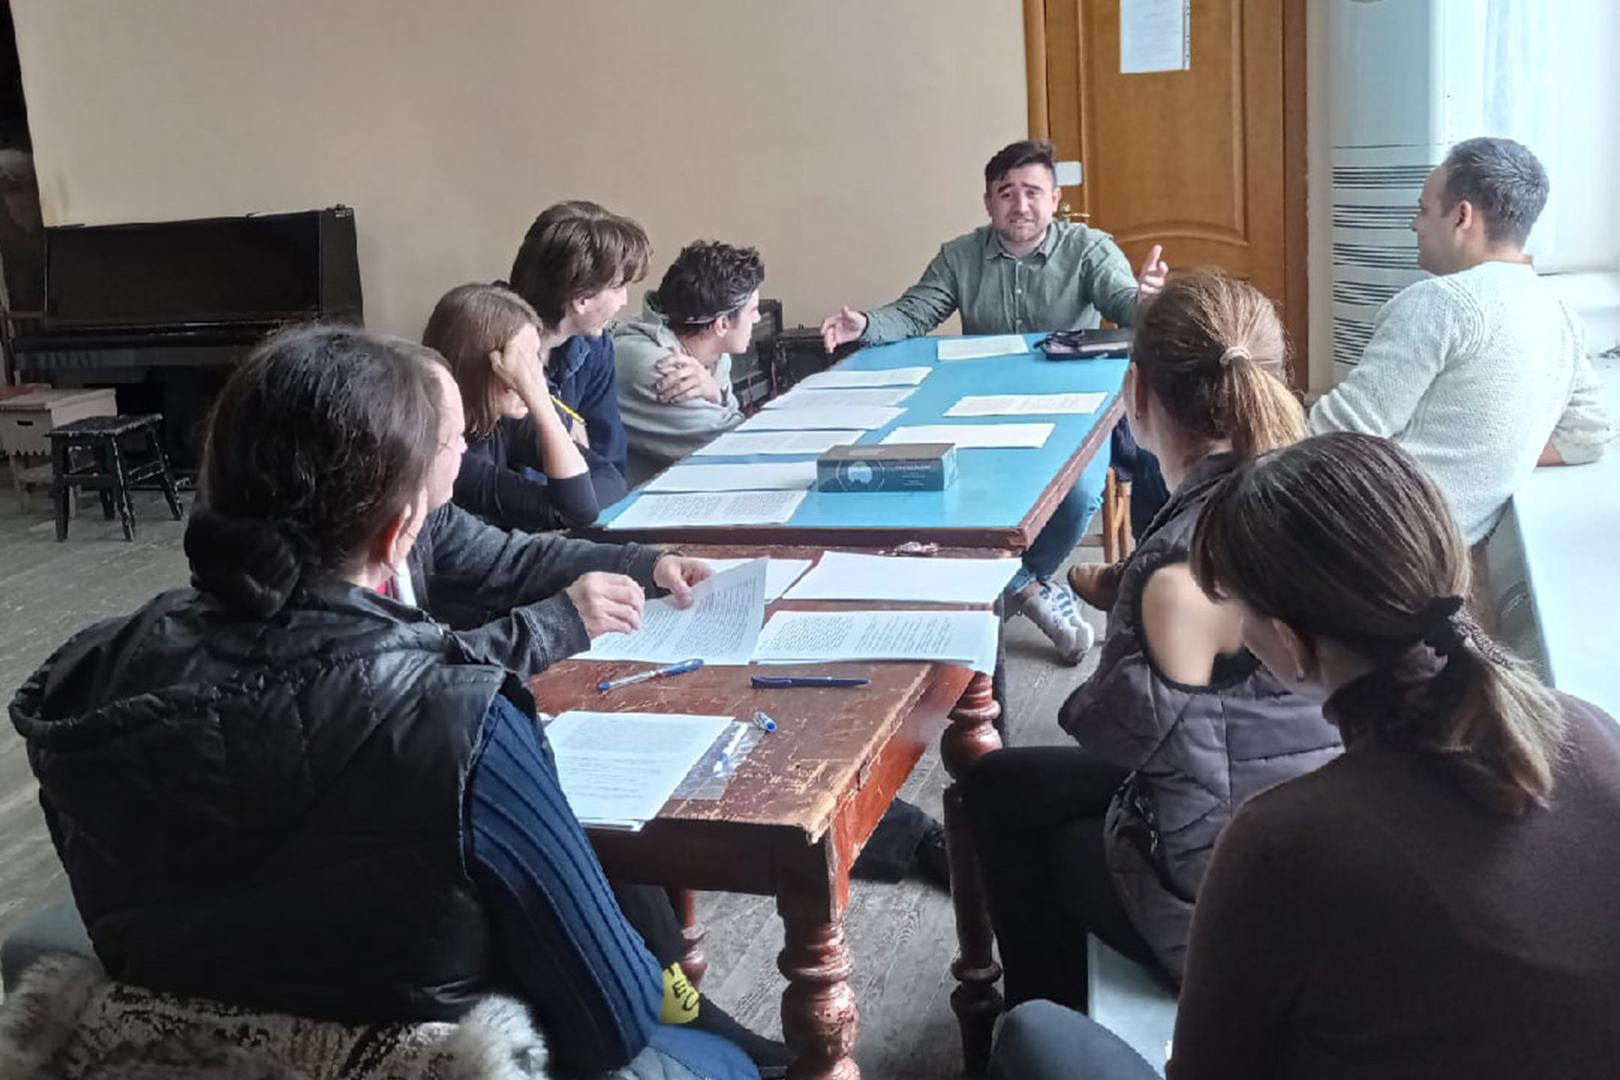 Началась подготовка спектакля «Иллюзии» по пьесе Ивана Вырыпаева